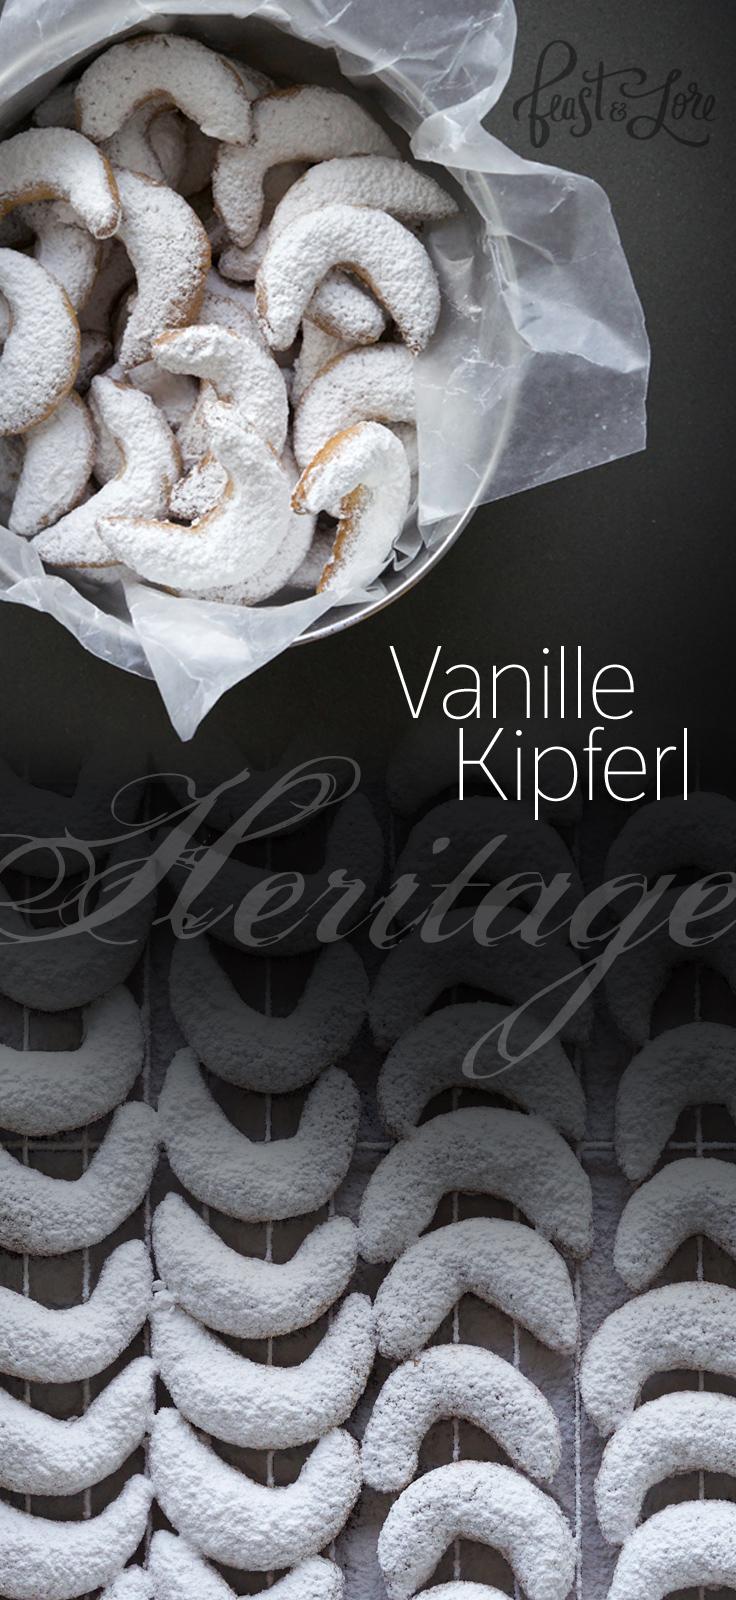 Vanillekipferl heritage recipe passed down from Grandma